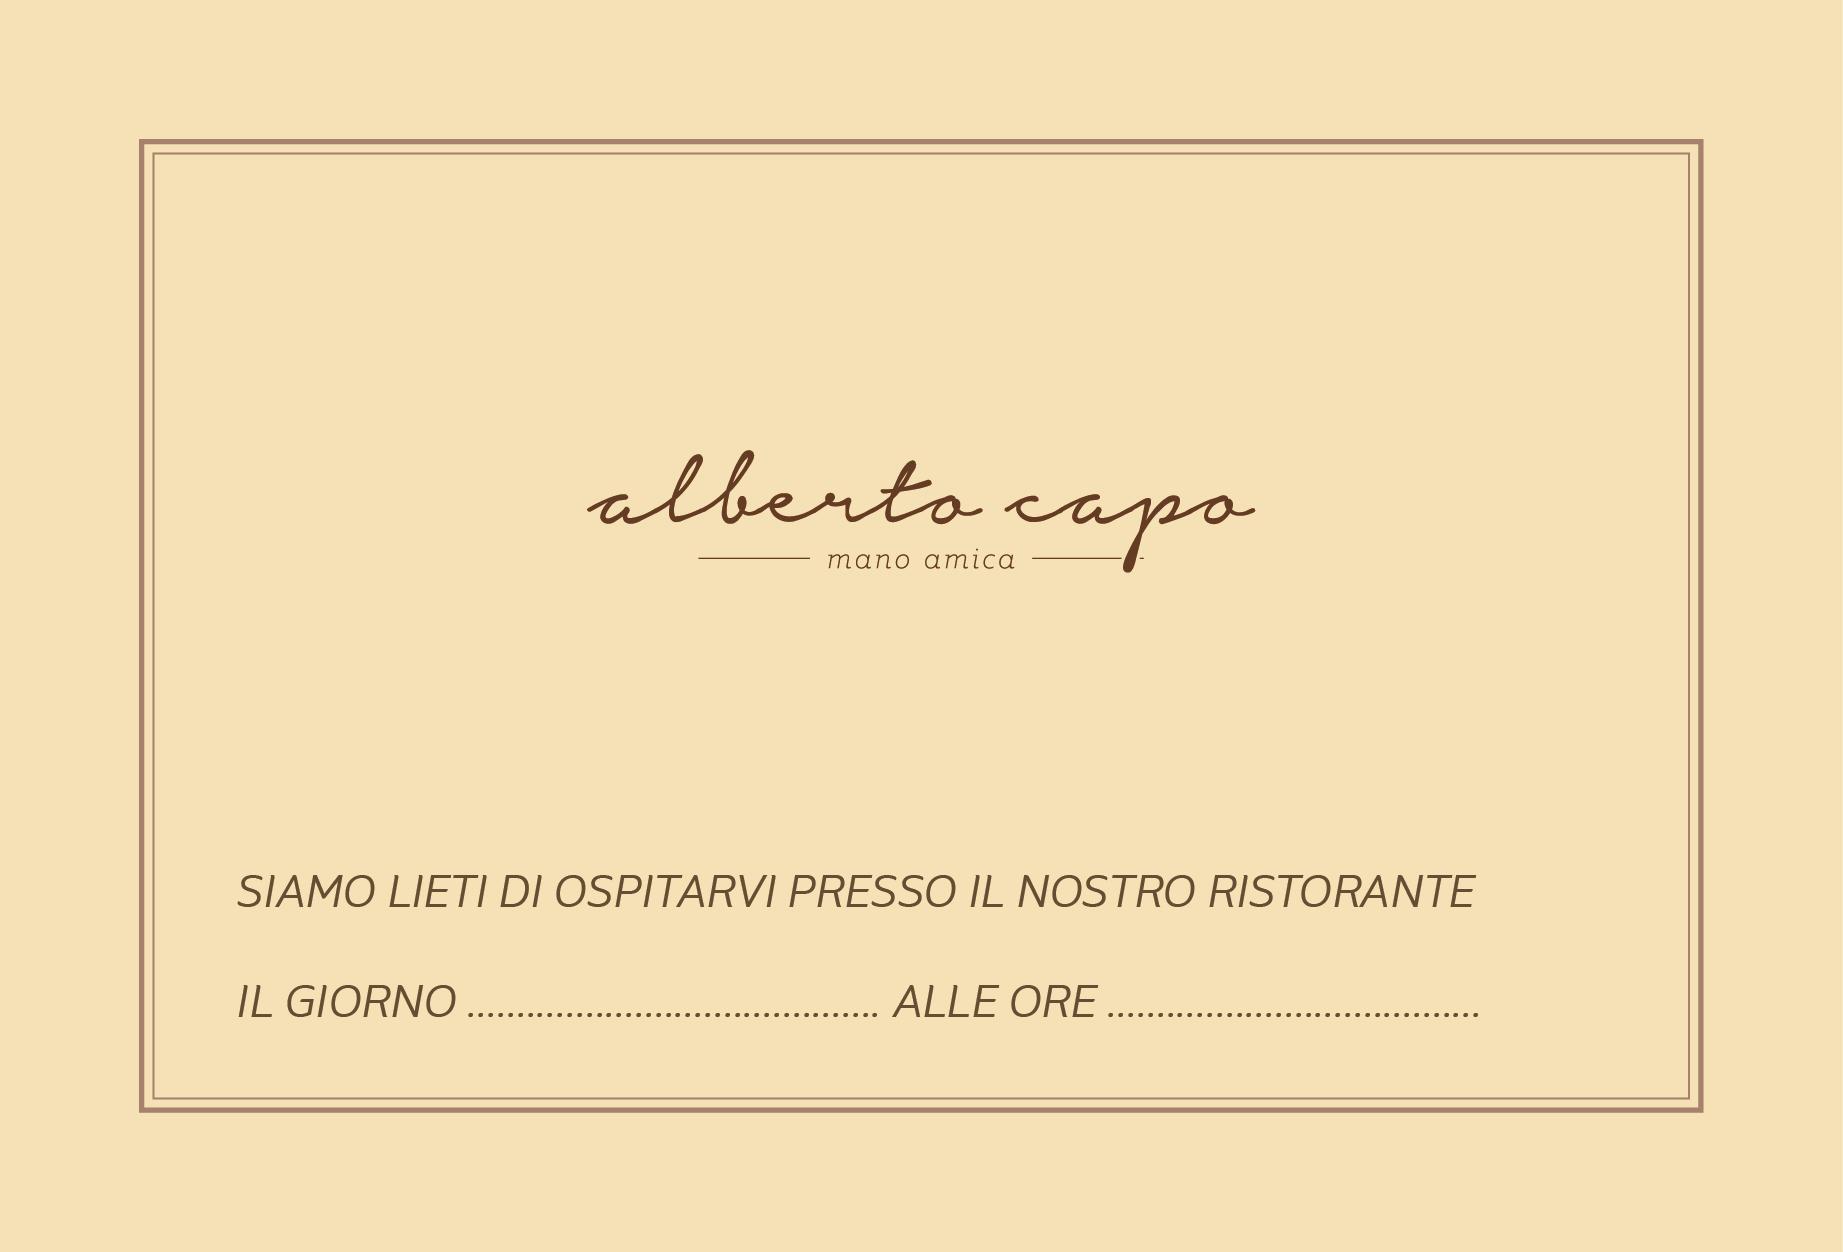 alberto-capo-chioggia-gift-card-2_gift_card_alberto_capo-02